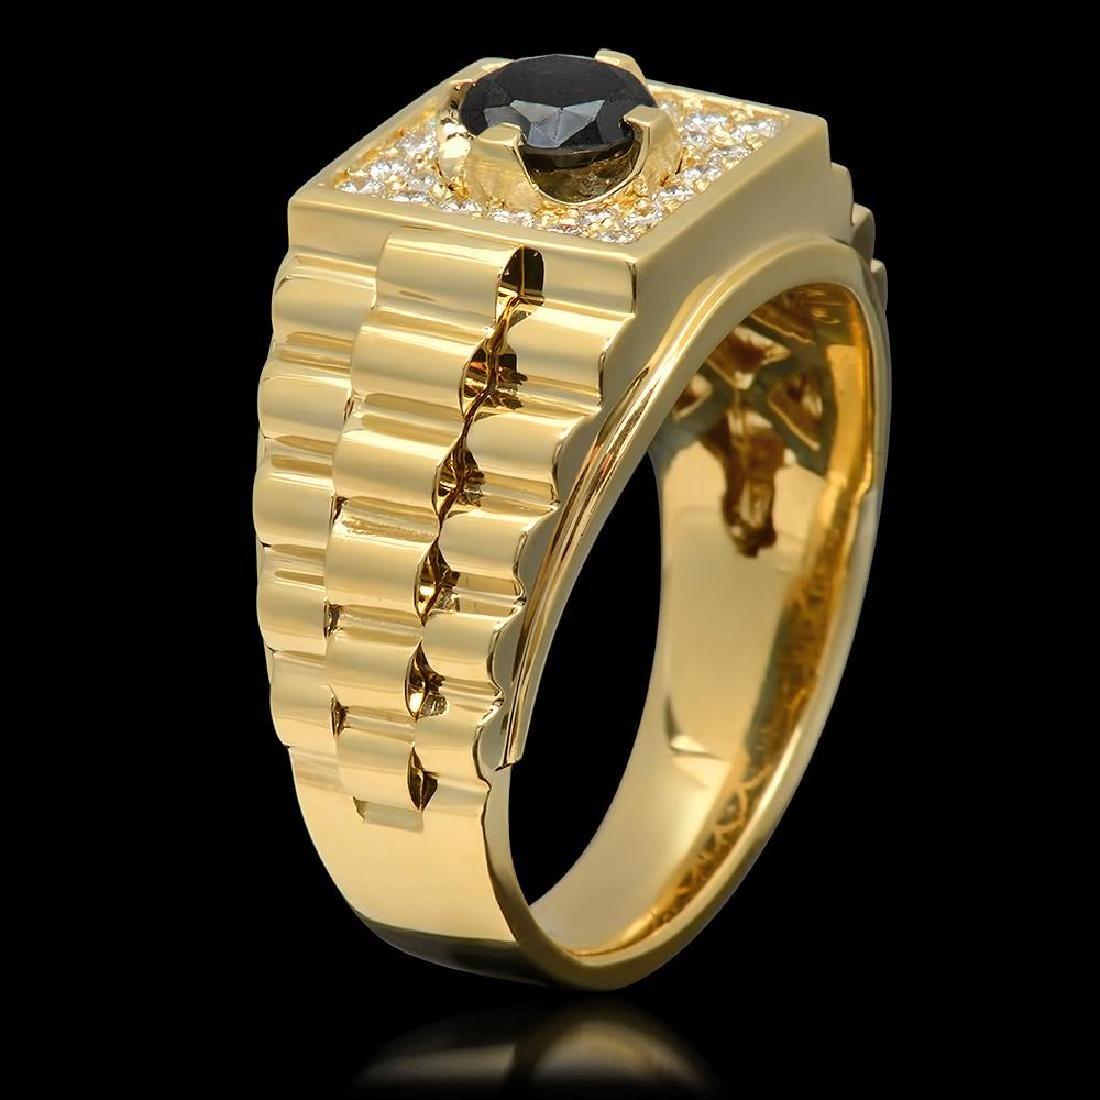 14k Yellow Gold 0.65ct & 1.01ct Diamond Ring - 2